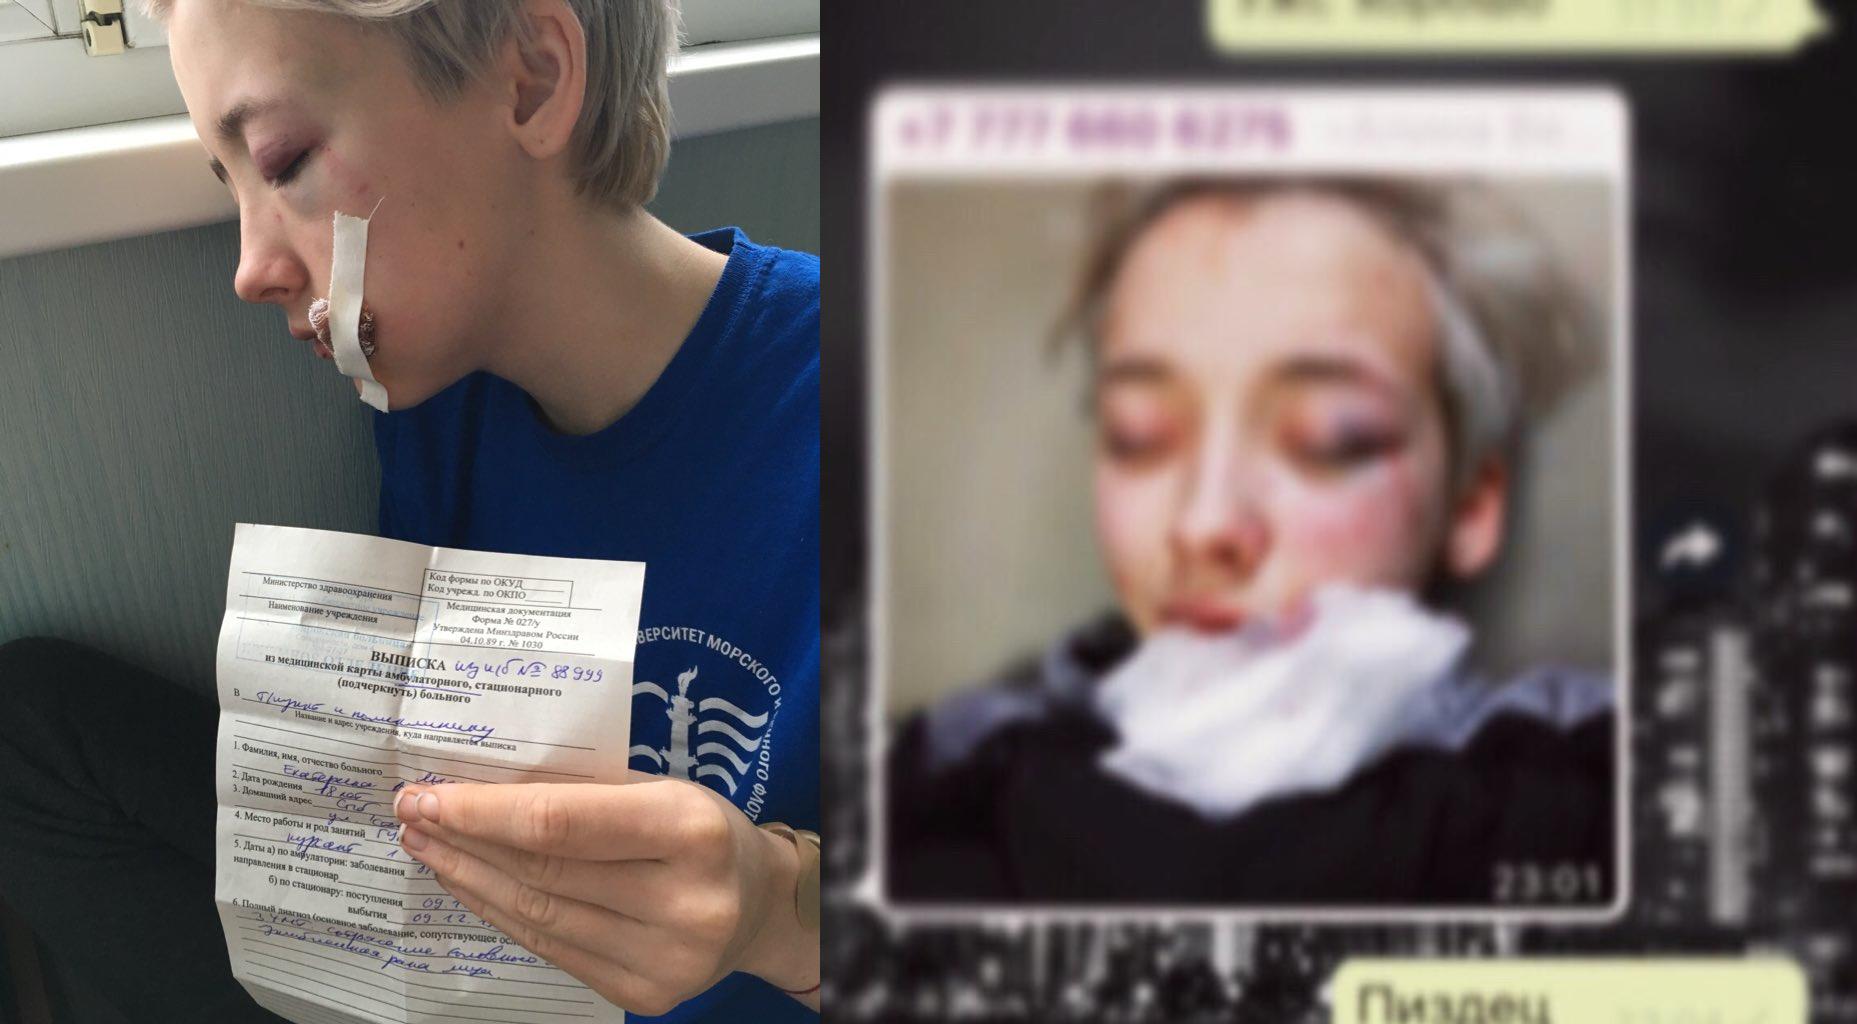 «Вы что, лесбиянки?»: в центре Петербурга семеро мужчин избили 18-летнюю девушку